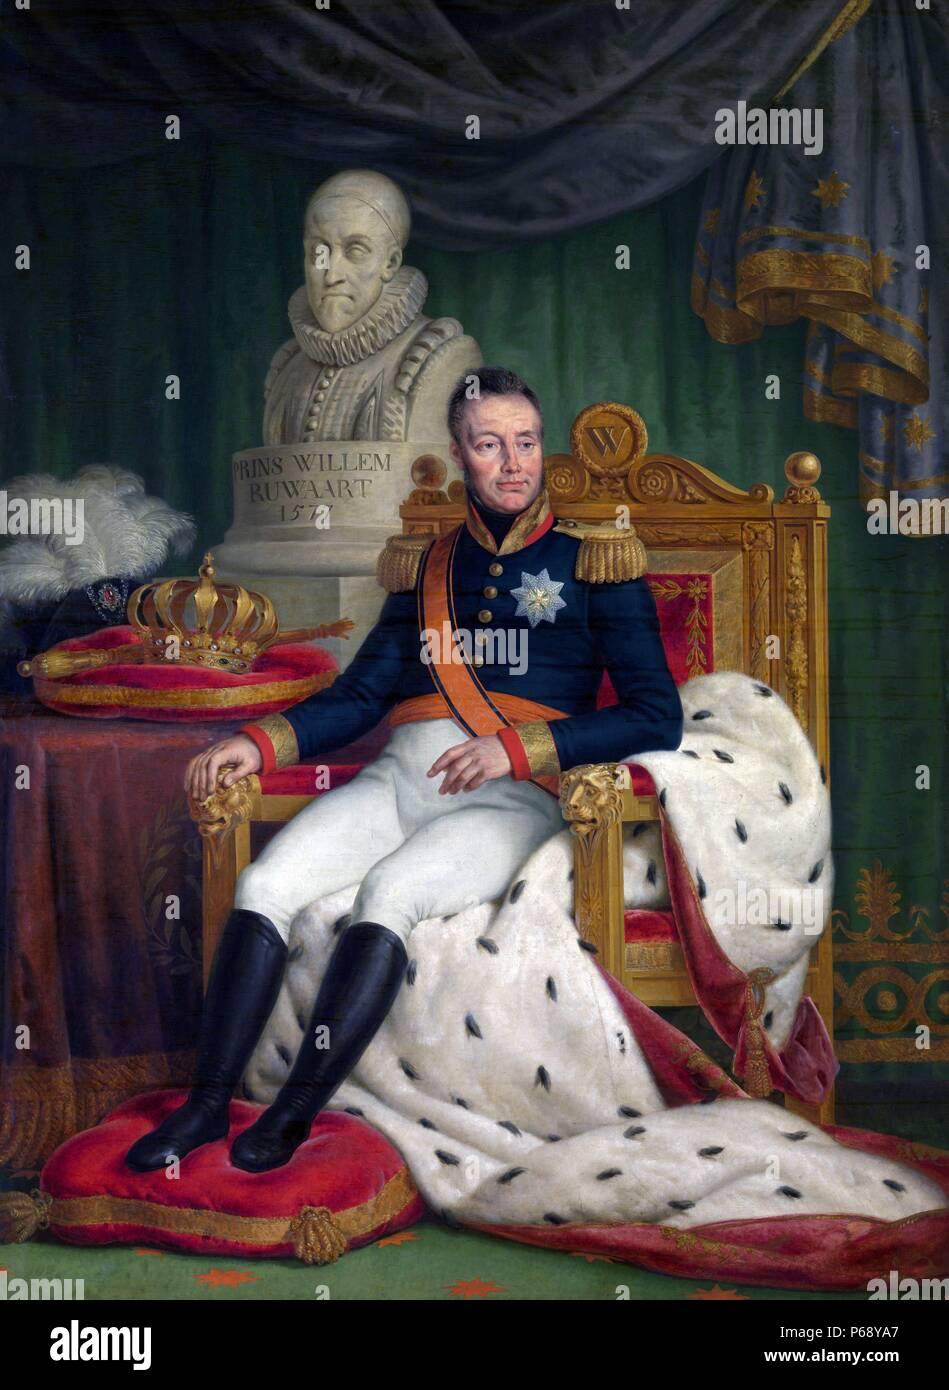 Retrato de Guillermo I (1772-1843), Rey de los Países Bajos y el Príncipe de Orange. Fecha 1827 Imagen De Stock